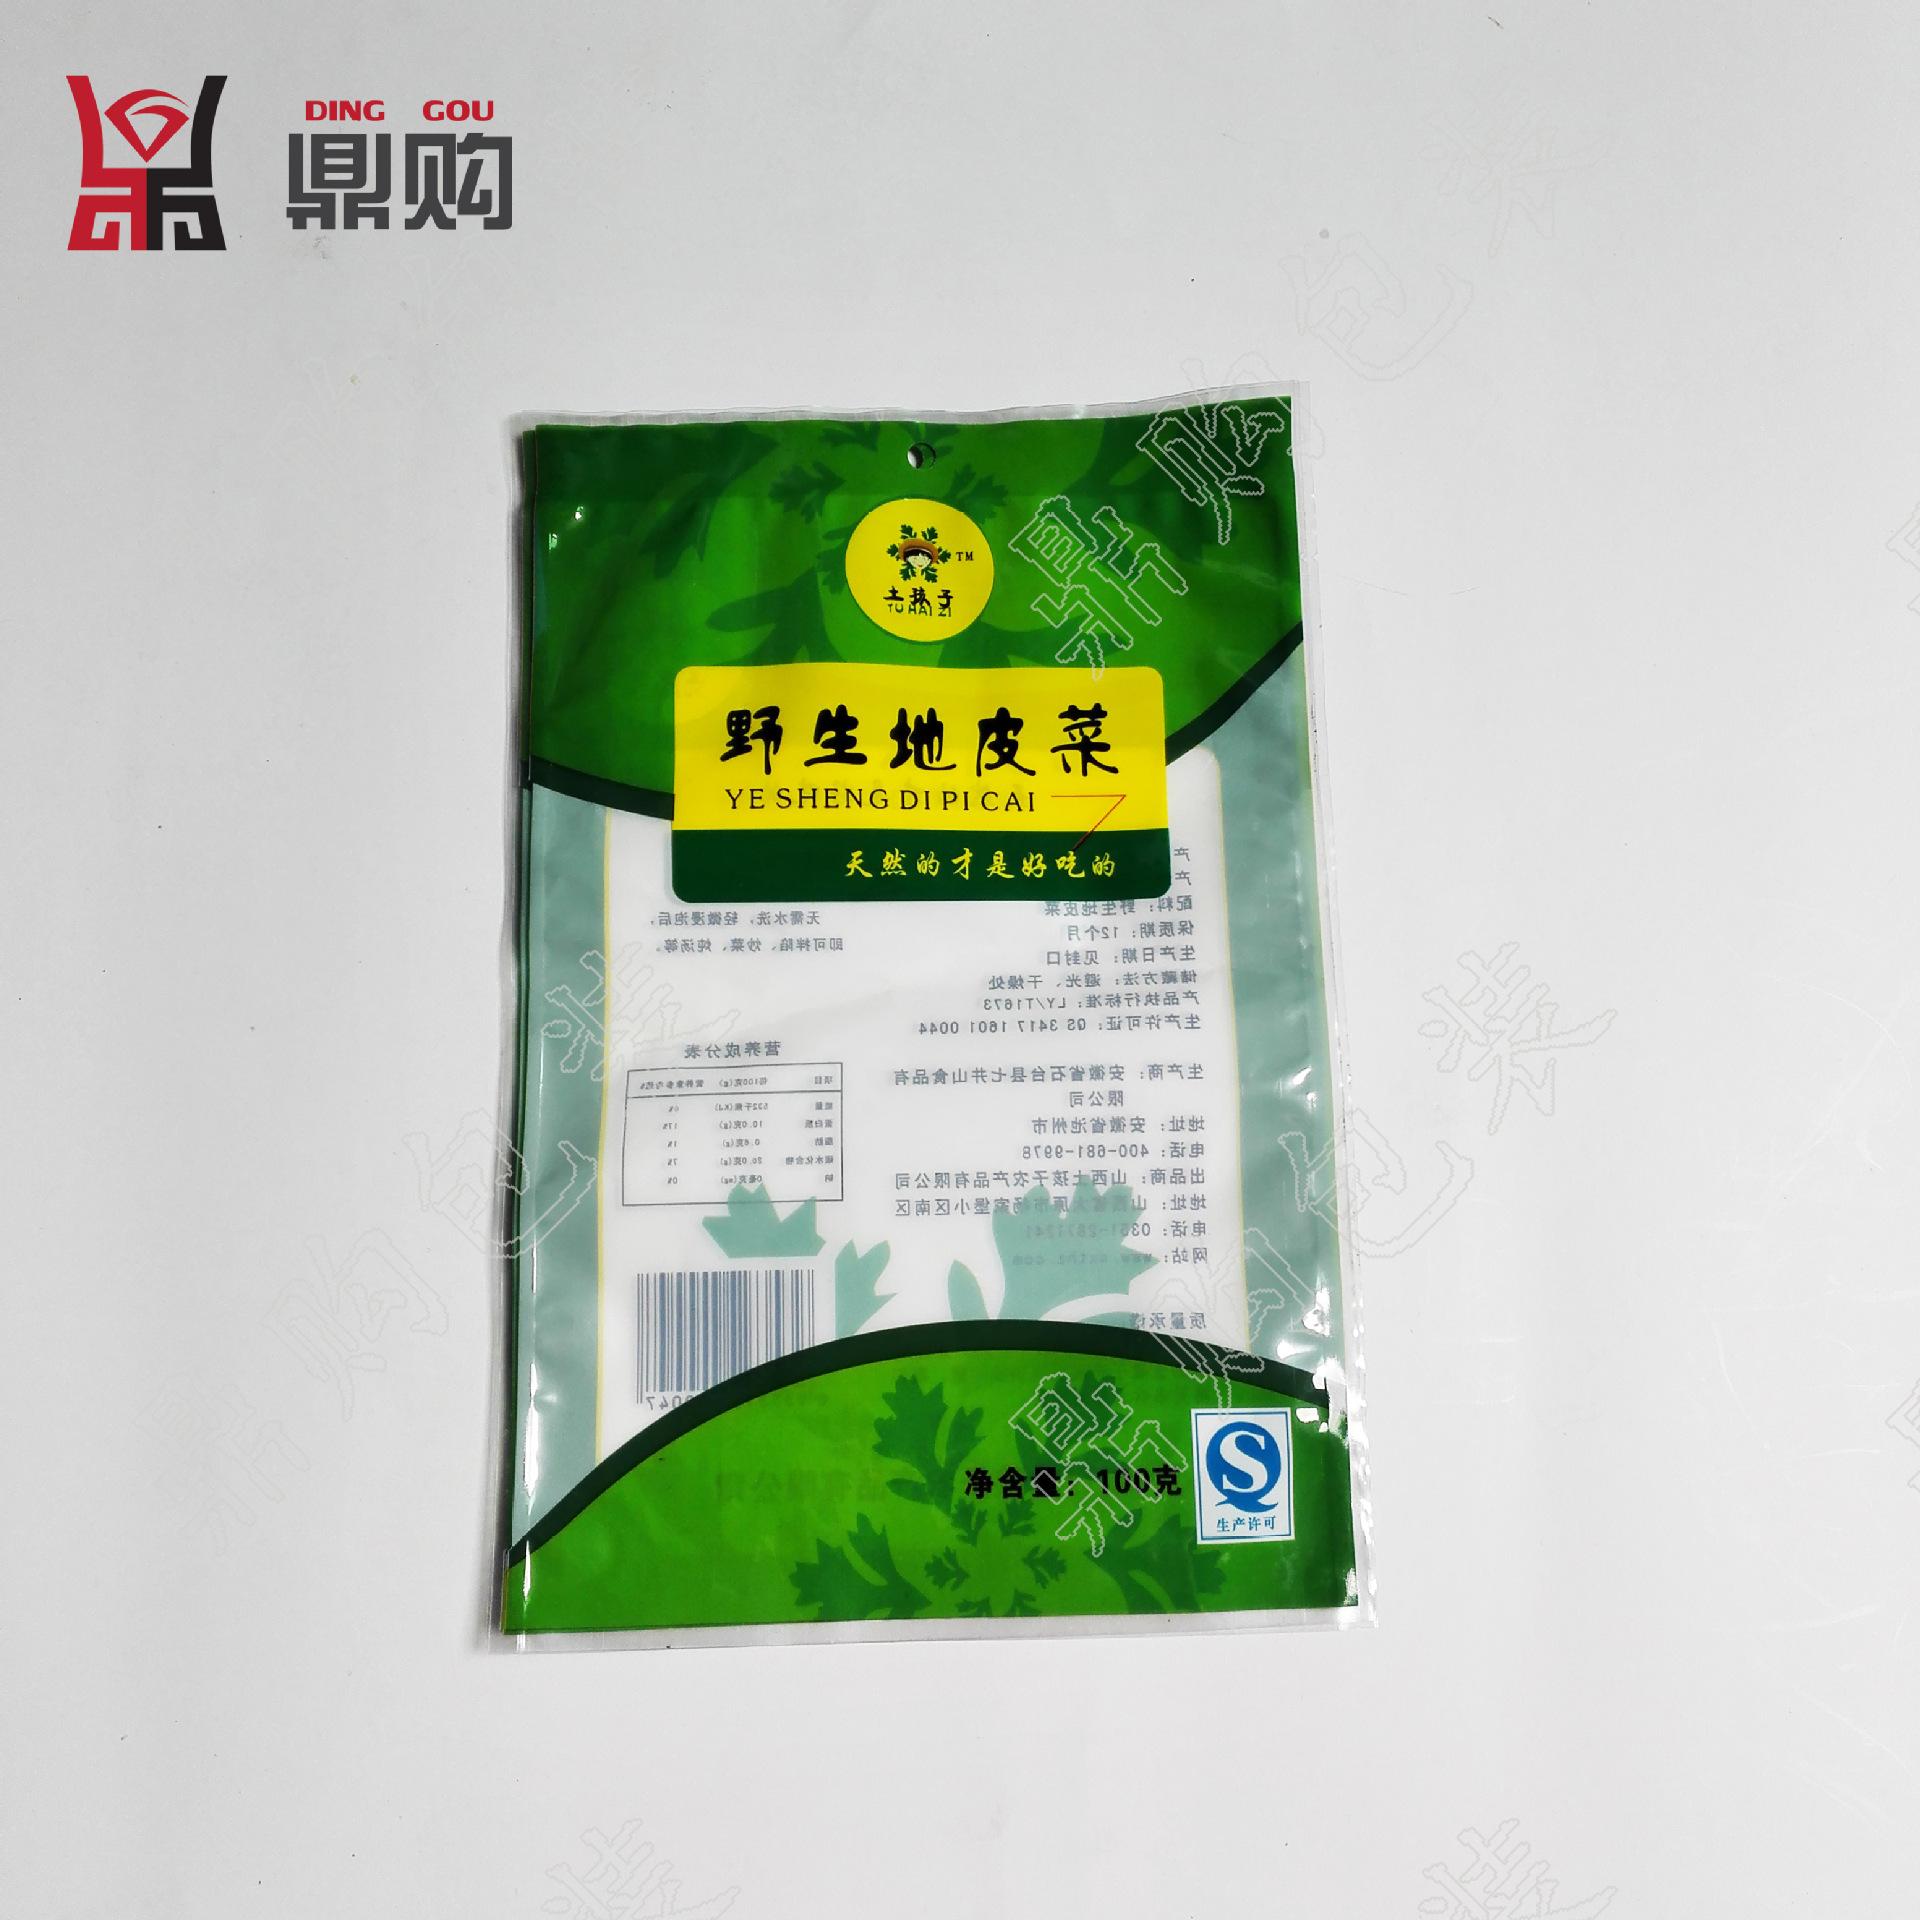 塑料薄膜 包装印刷加工 医药包装 食品包装 日用包装 服装包装 苍南县鼎购包装厂